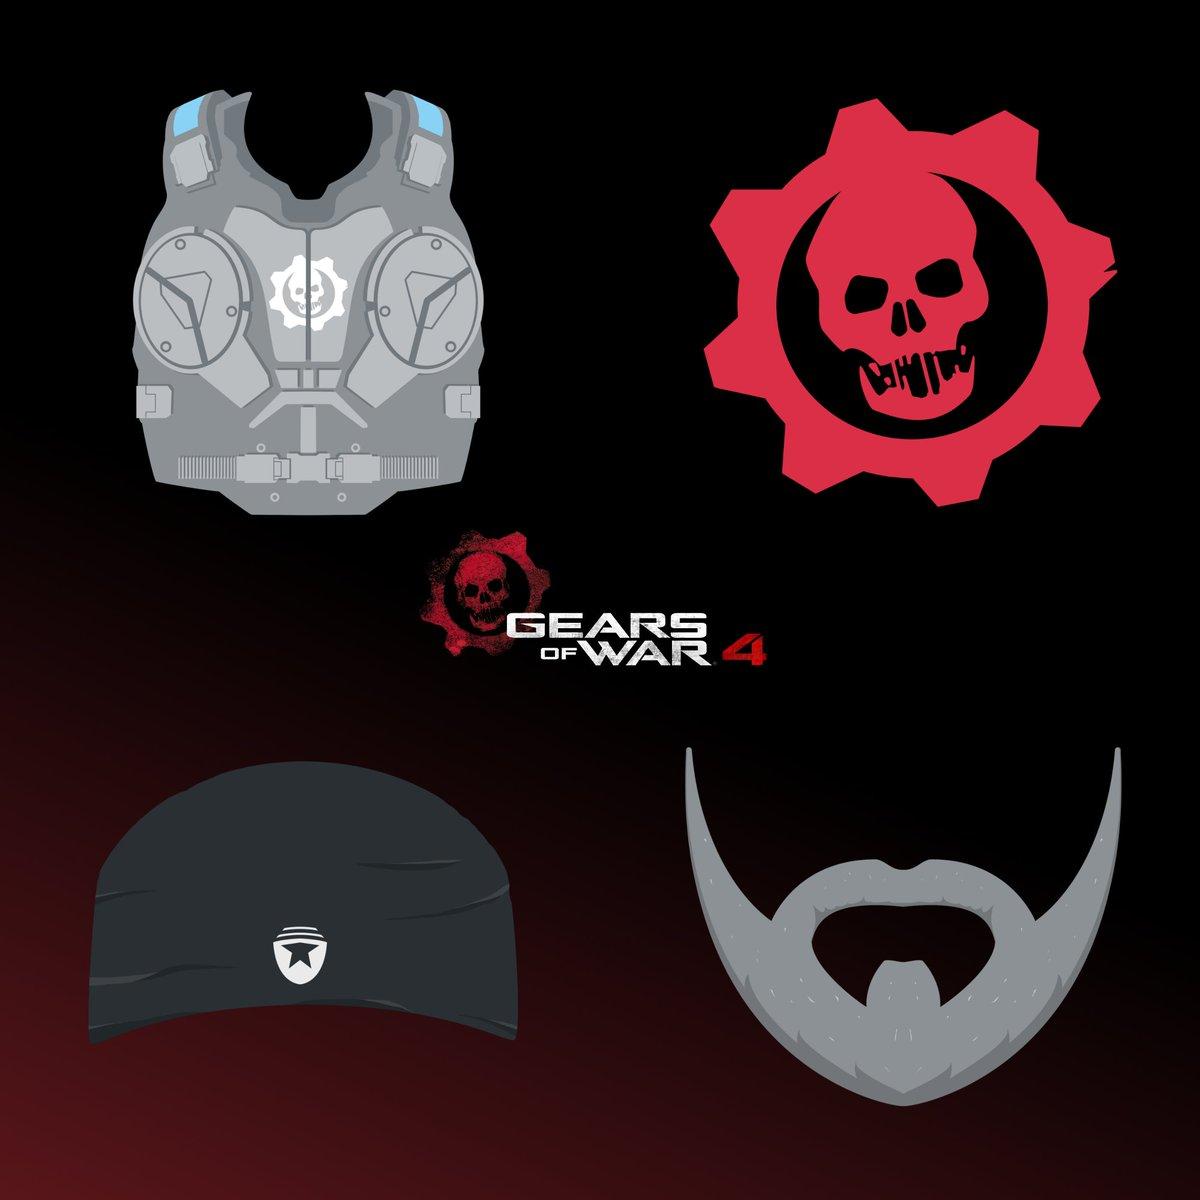 gears of war 4 twitter stickers